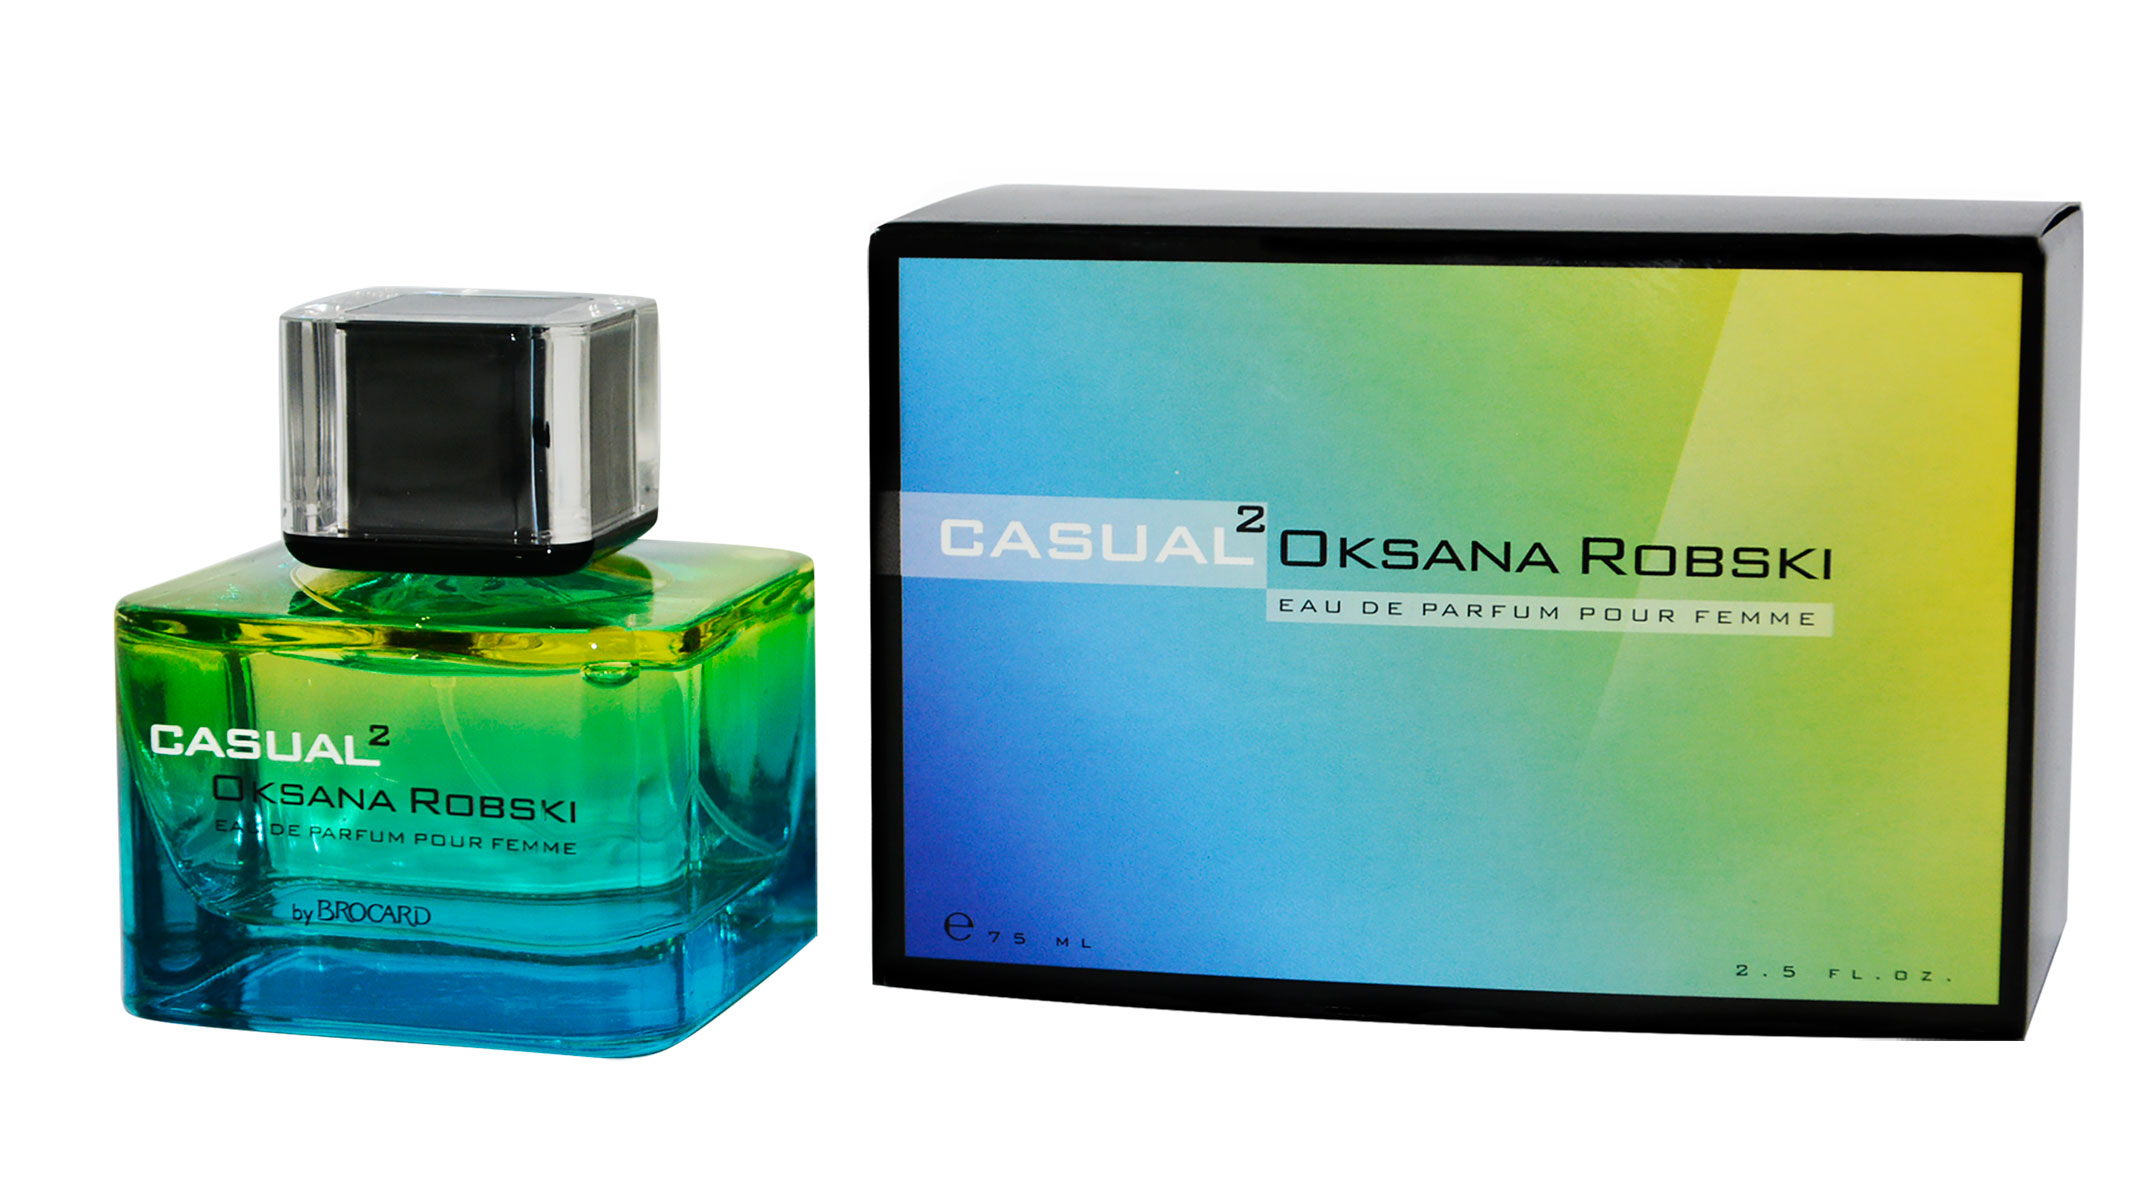 Brocard Oksana Robski Casual 2 парфюмерная вода для женщин, 75 мл81299Композиция Casual 2 создана легкой, свежей, невесомой, но звучащей долго. Удивительный универсальный аромат, который подходит для ежедневного использования на работе, для деловых встреч и романтических свиданий.